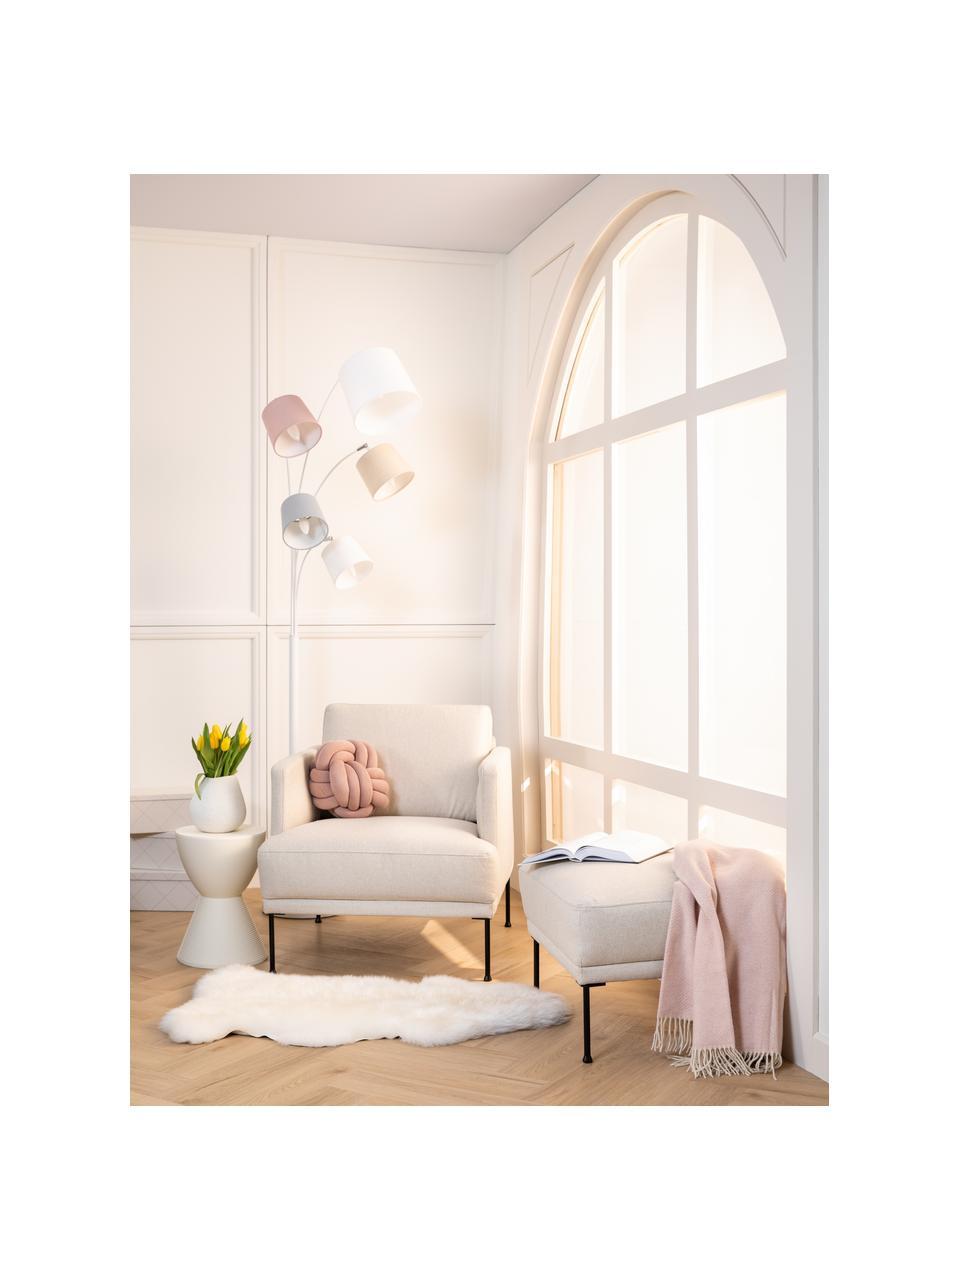 Poltrona in tessuto beige Fluente, Rivestimento: 80% poliestere, 20% ramiè, Struttura: legno di pino massiccio, Tessuto beige, Larg. 74 x Prof. 85 cm